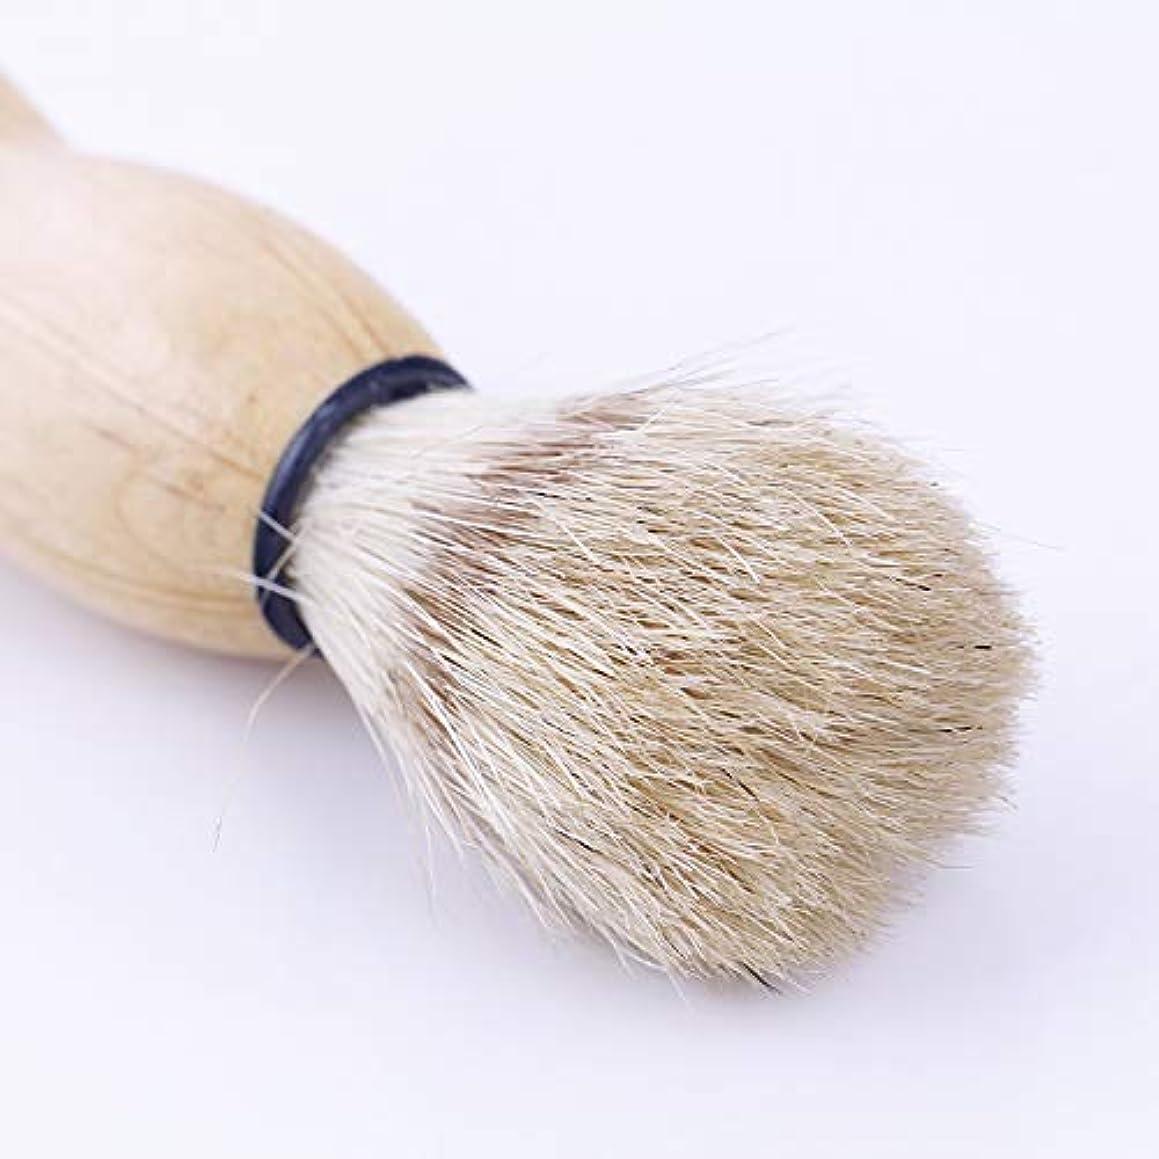 不安定ボックス人種SMTHOME シェービング用ブラシ メンズ 100% ウール毛 理容 洗顔 髭剃り 泡立ち